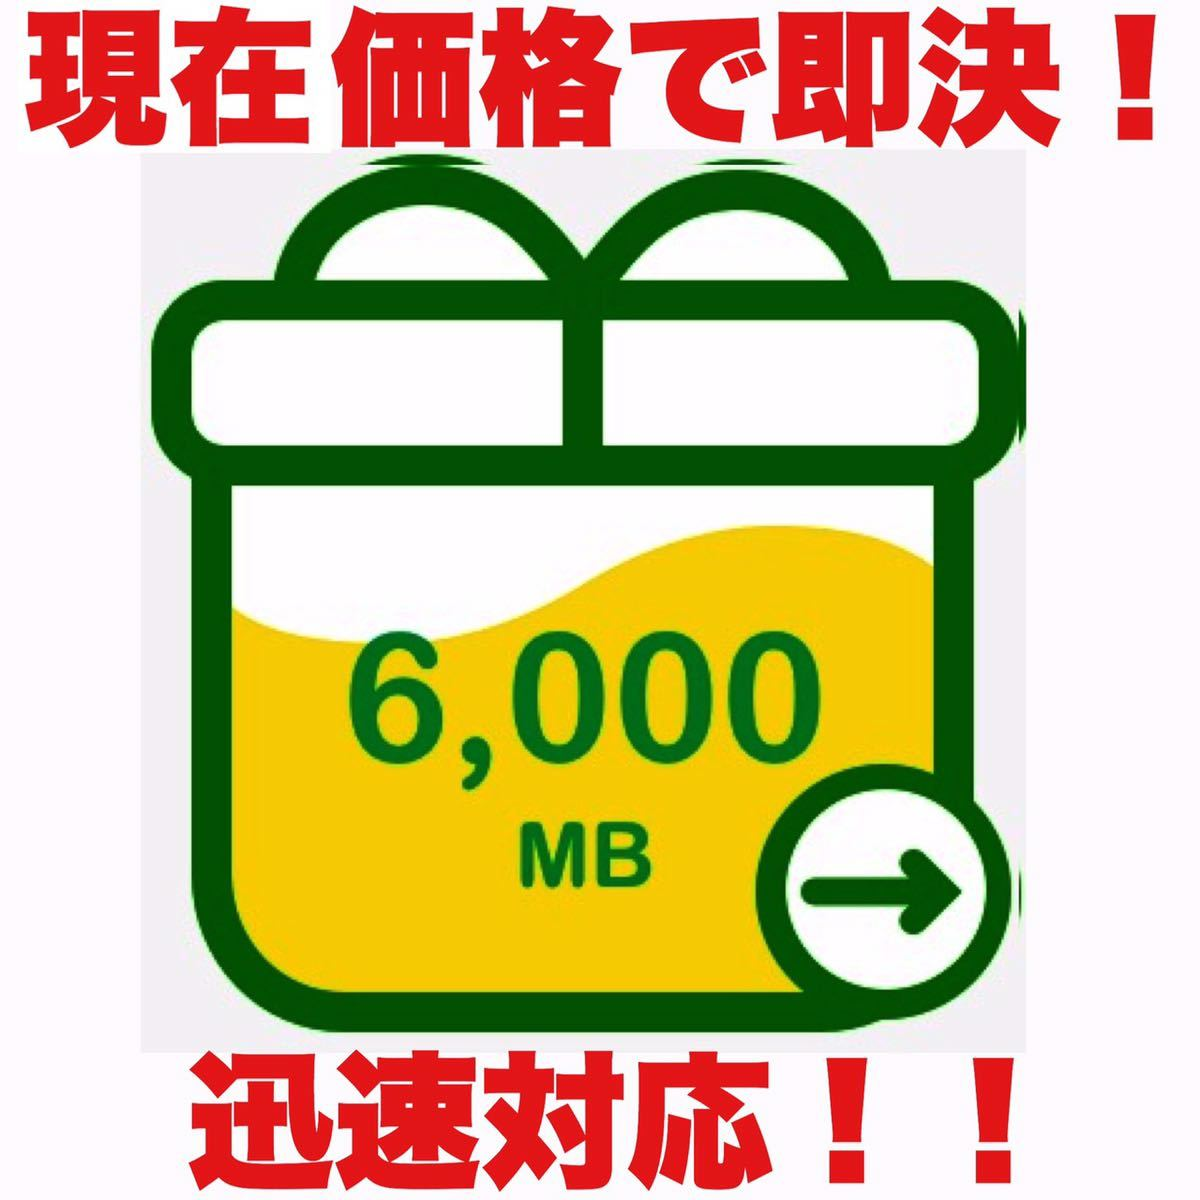 【すぐ即決!】マイネオ mineo パケットギフト 6GB 6000MB_画像1